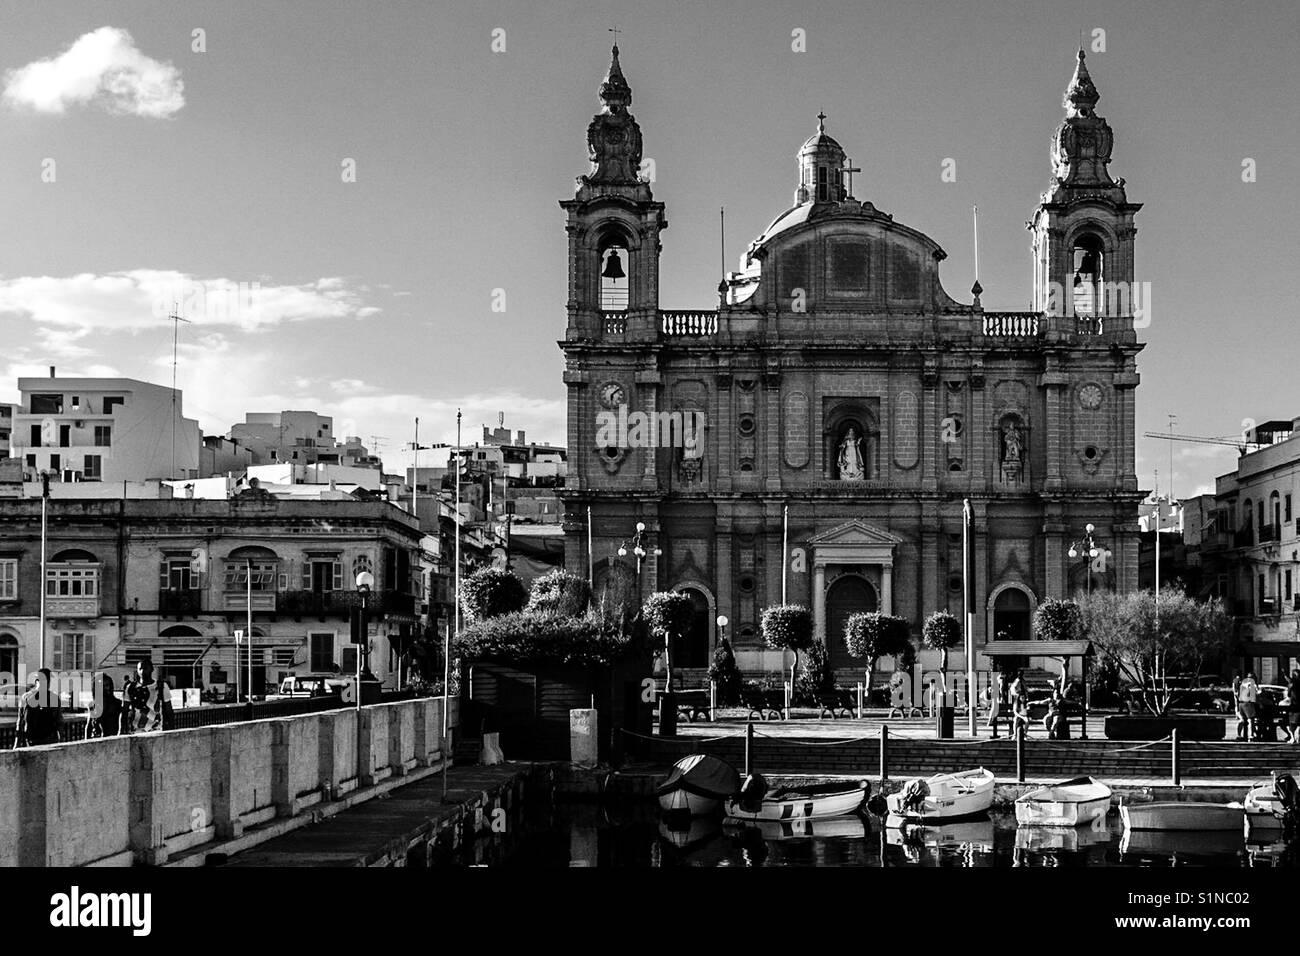 St Joseph's Church, Msida, Malta, September 2017 - Stock Image